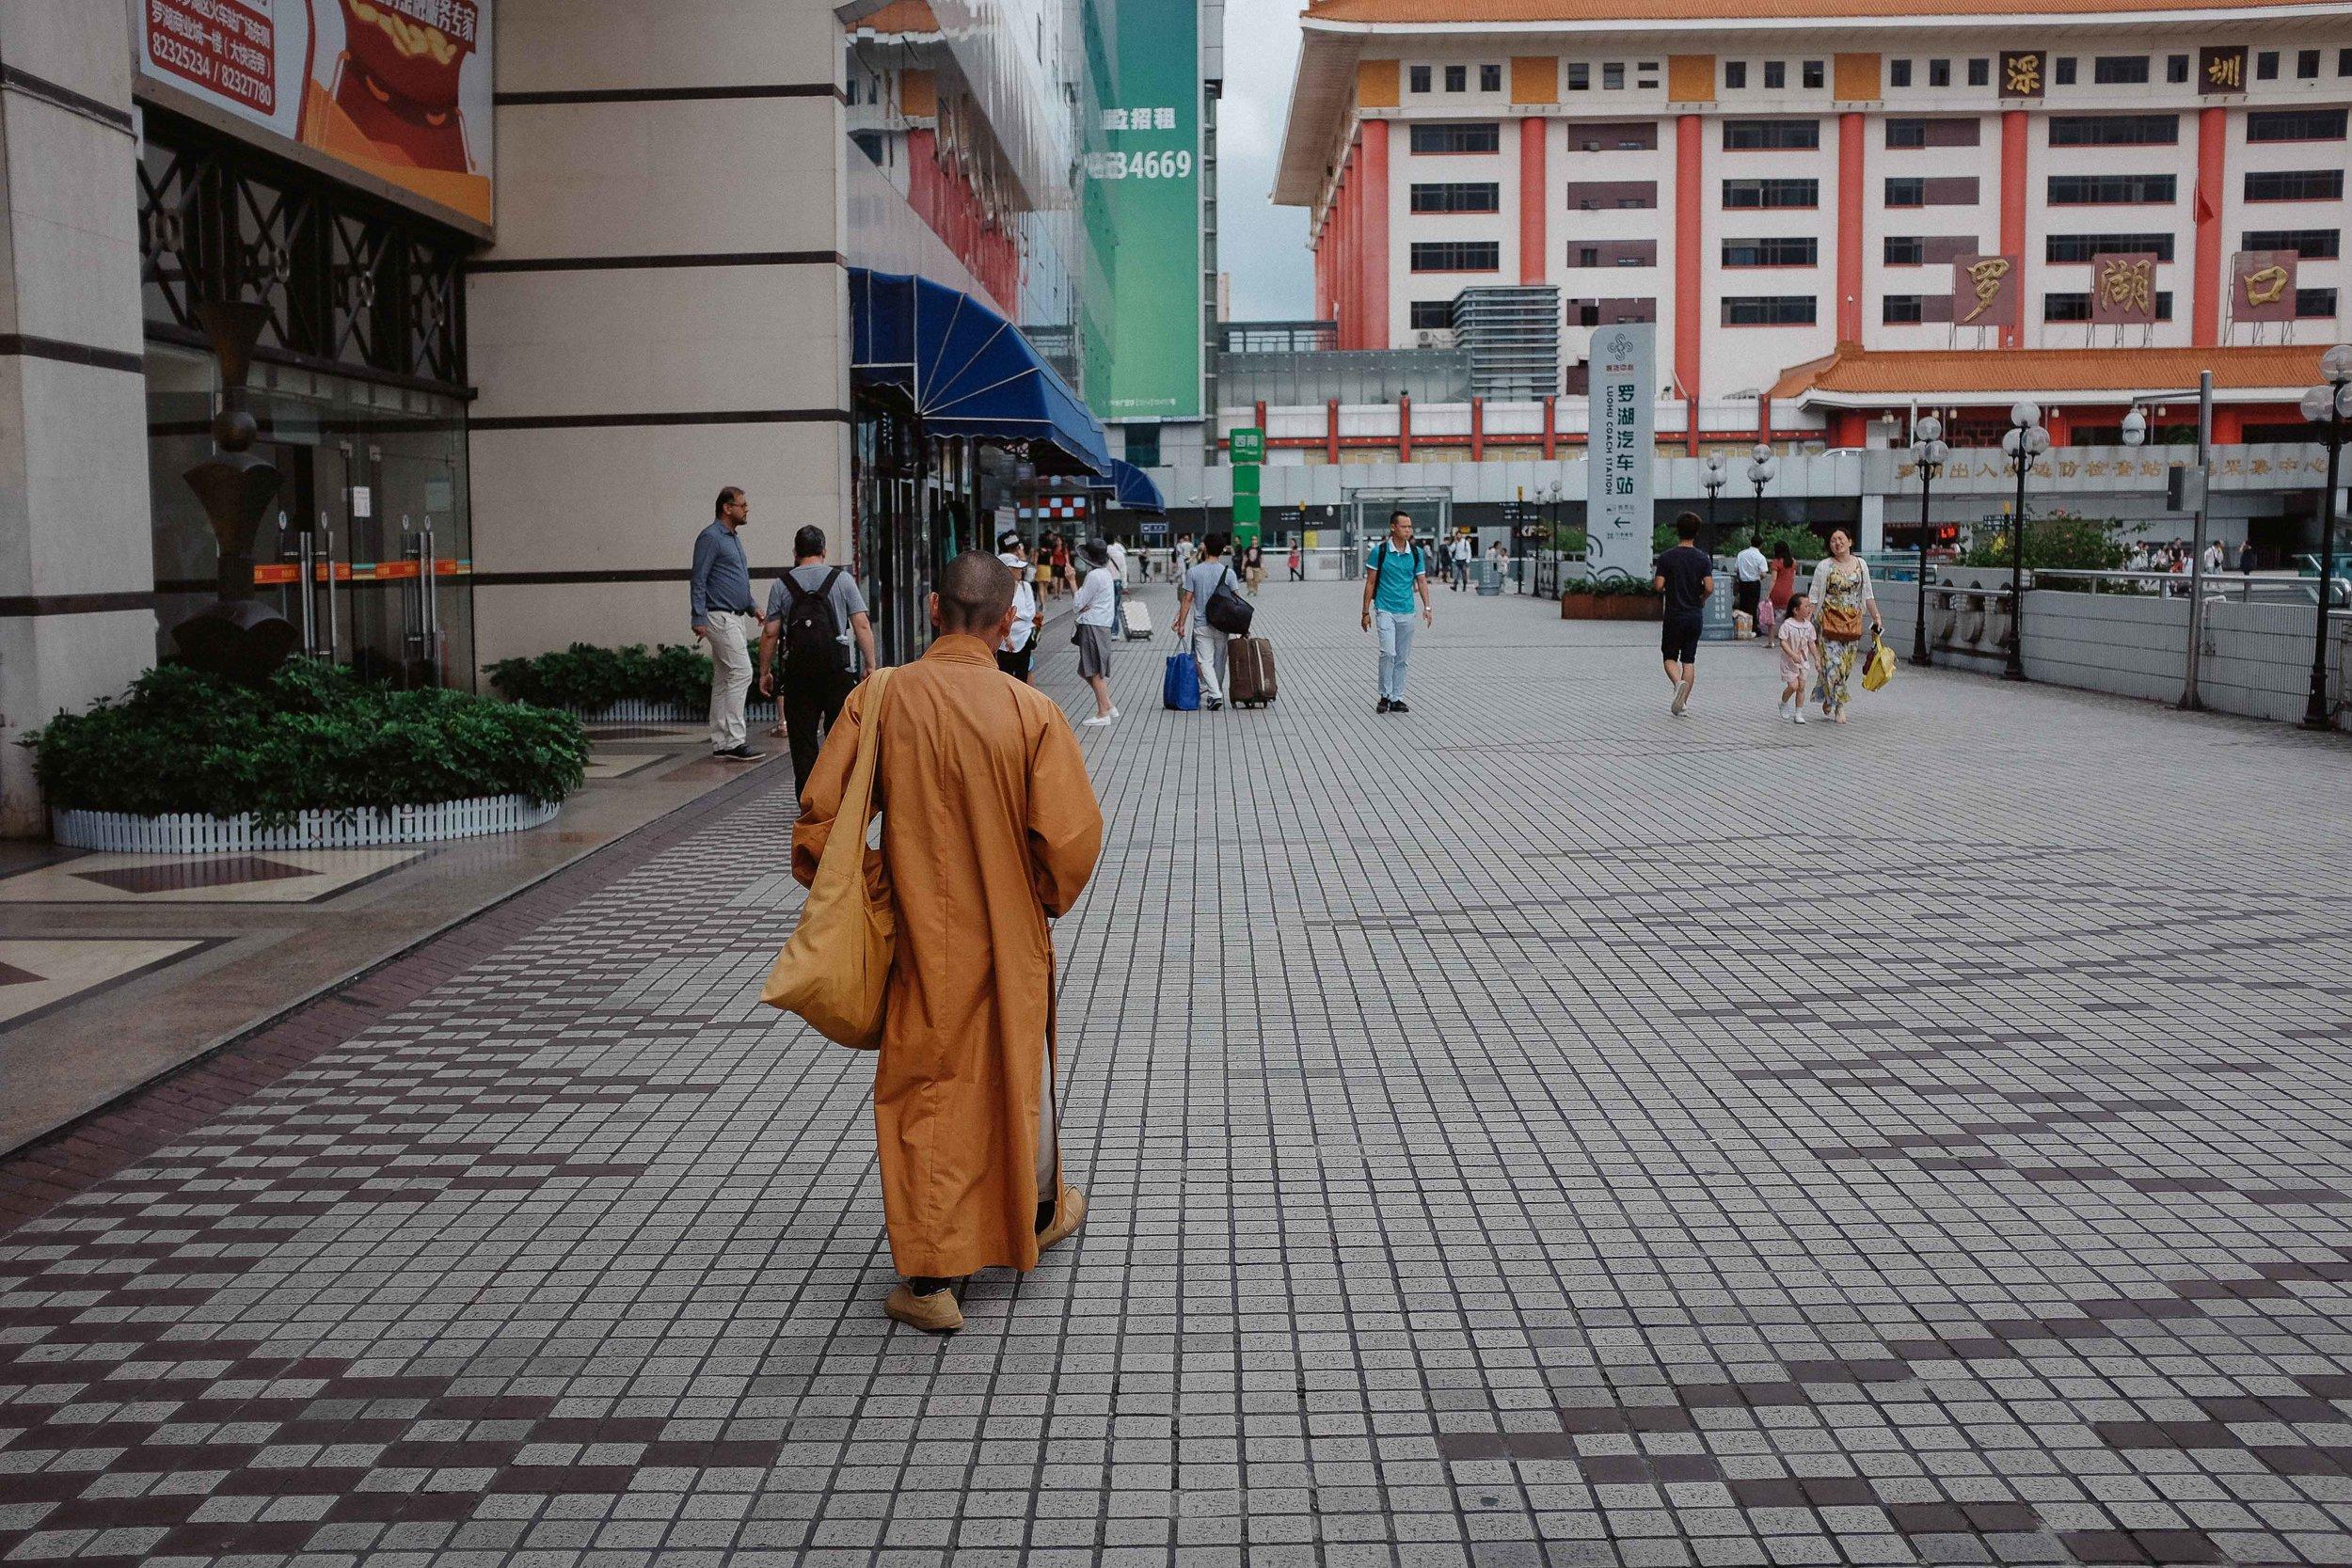 China_x100t_fujifilm_27.jpg